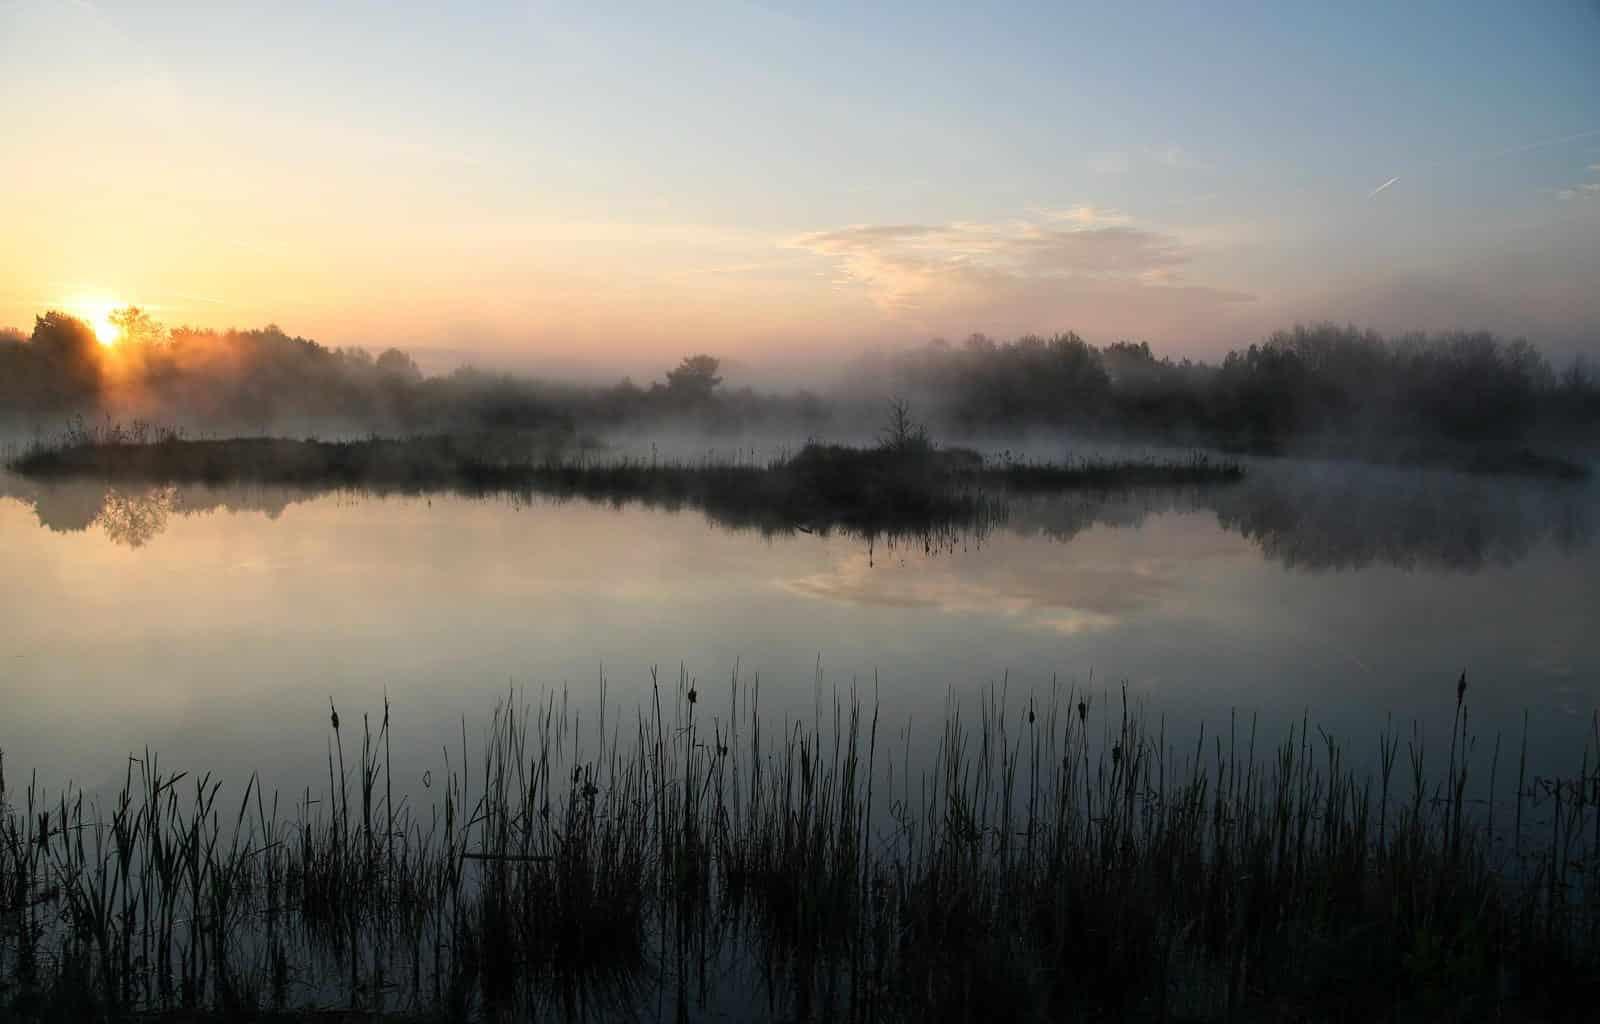 Water empowers wilderness